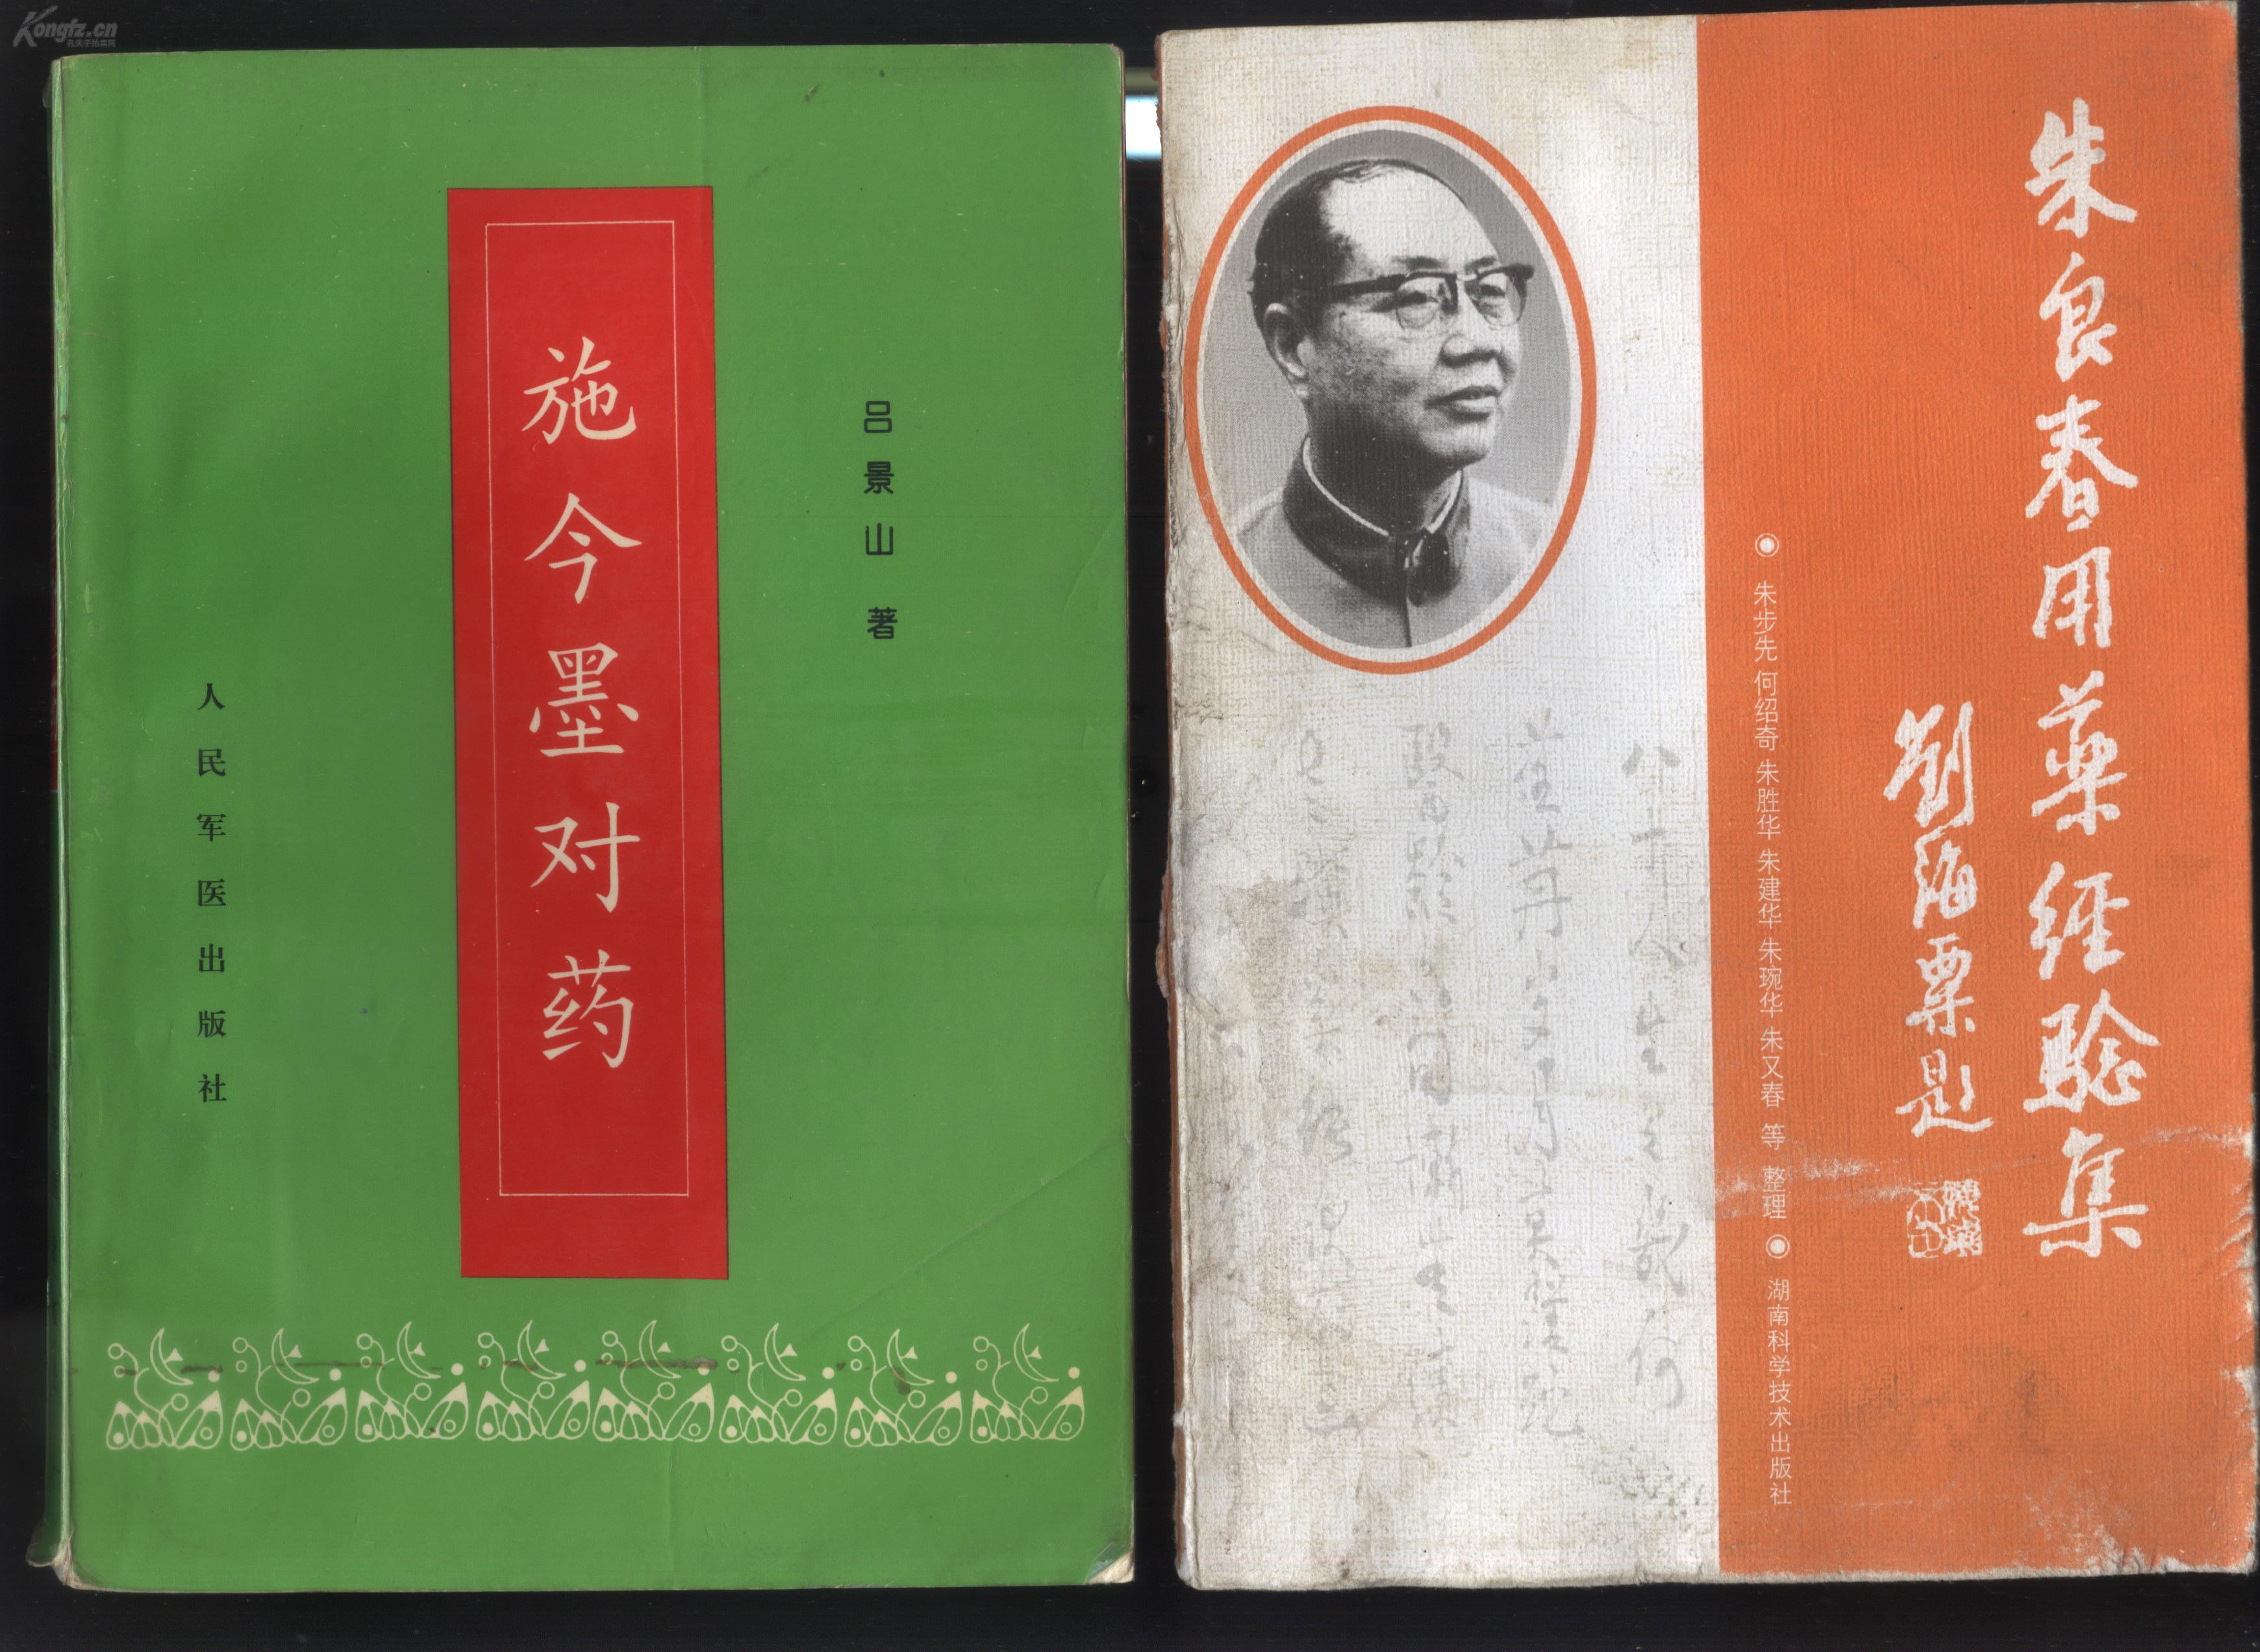 2本书合售 施今墨对药/ 吕景山1996 朱良春用药经验集